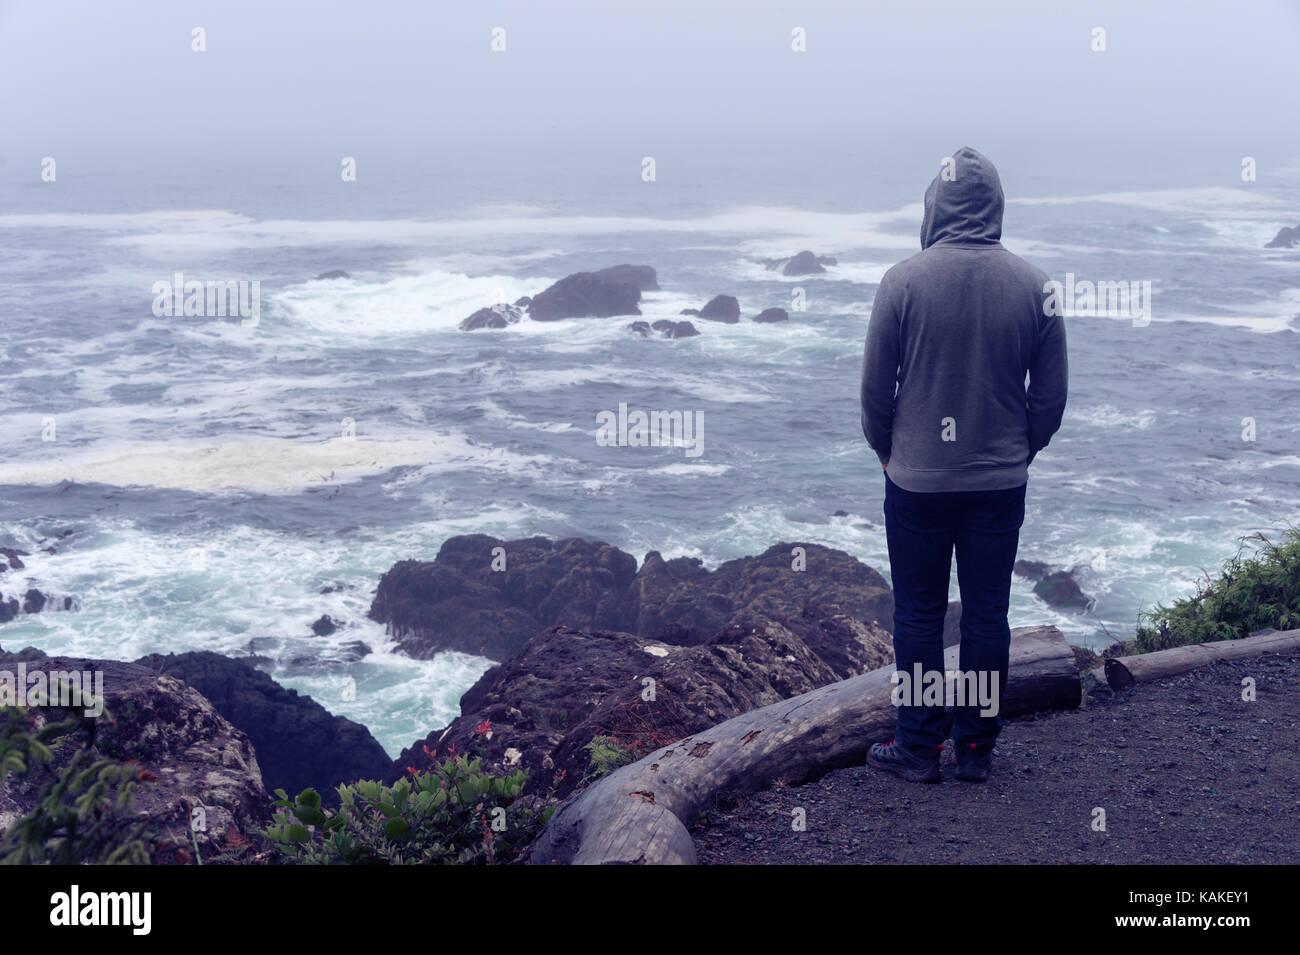 Hombre solitario parado en frente del océano pacífico y mirando el mar tempestuoso, en la isla de Vancouver. Imagen De Stock